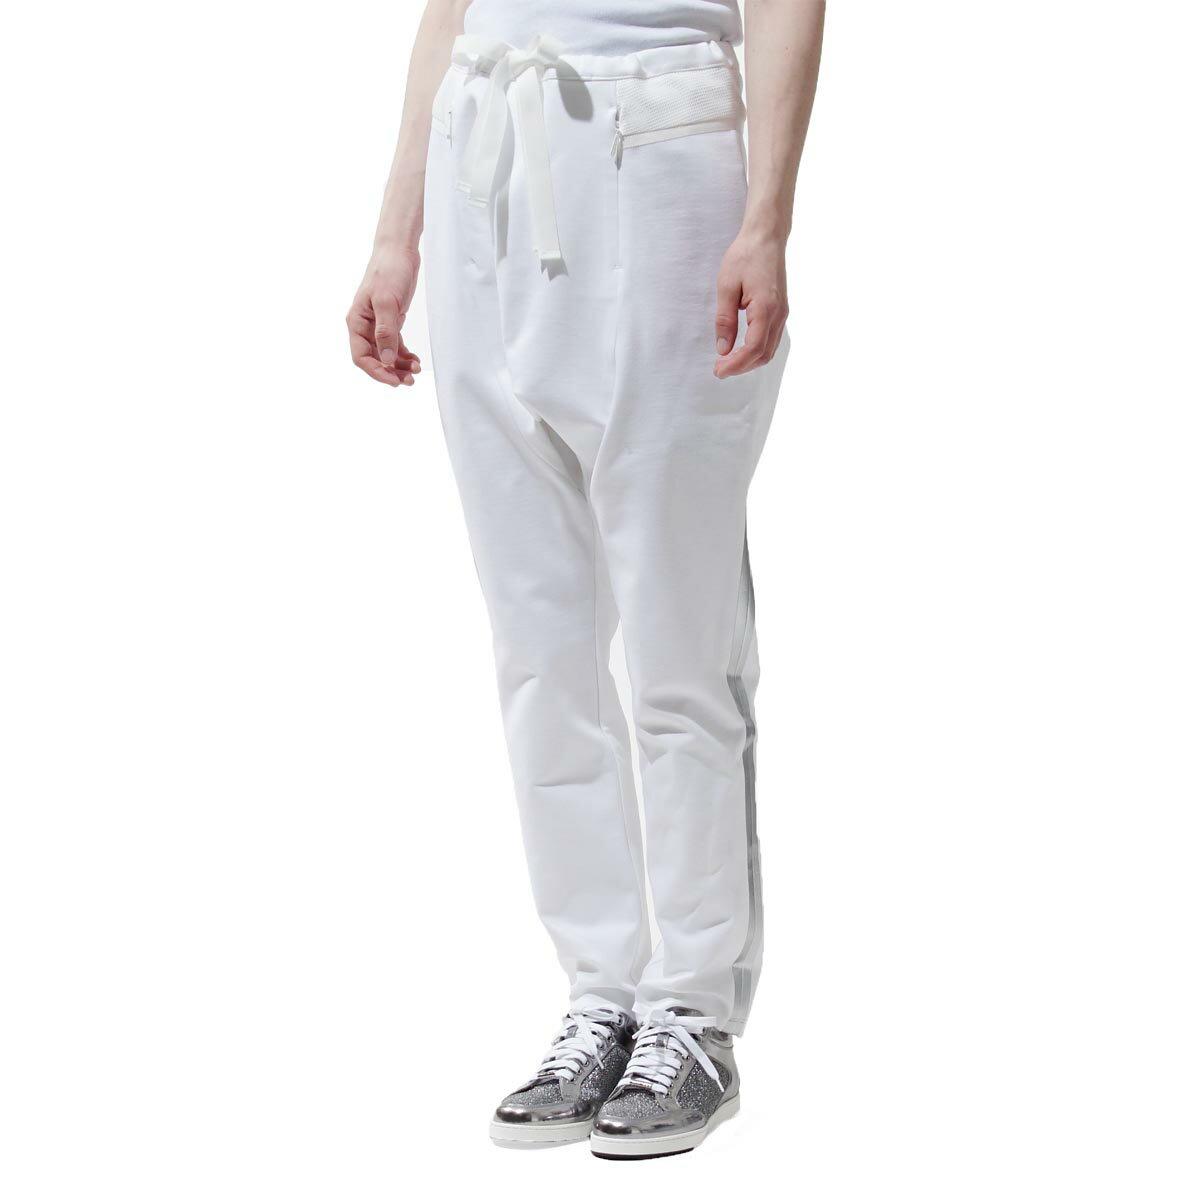 タトラス TATRAS イージーパンツ ANTIDA WHITE ホワイト系 ltl17s5001 001 レディース【ラッピング無料】【返品送料無料】【あす楽対応_関東】